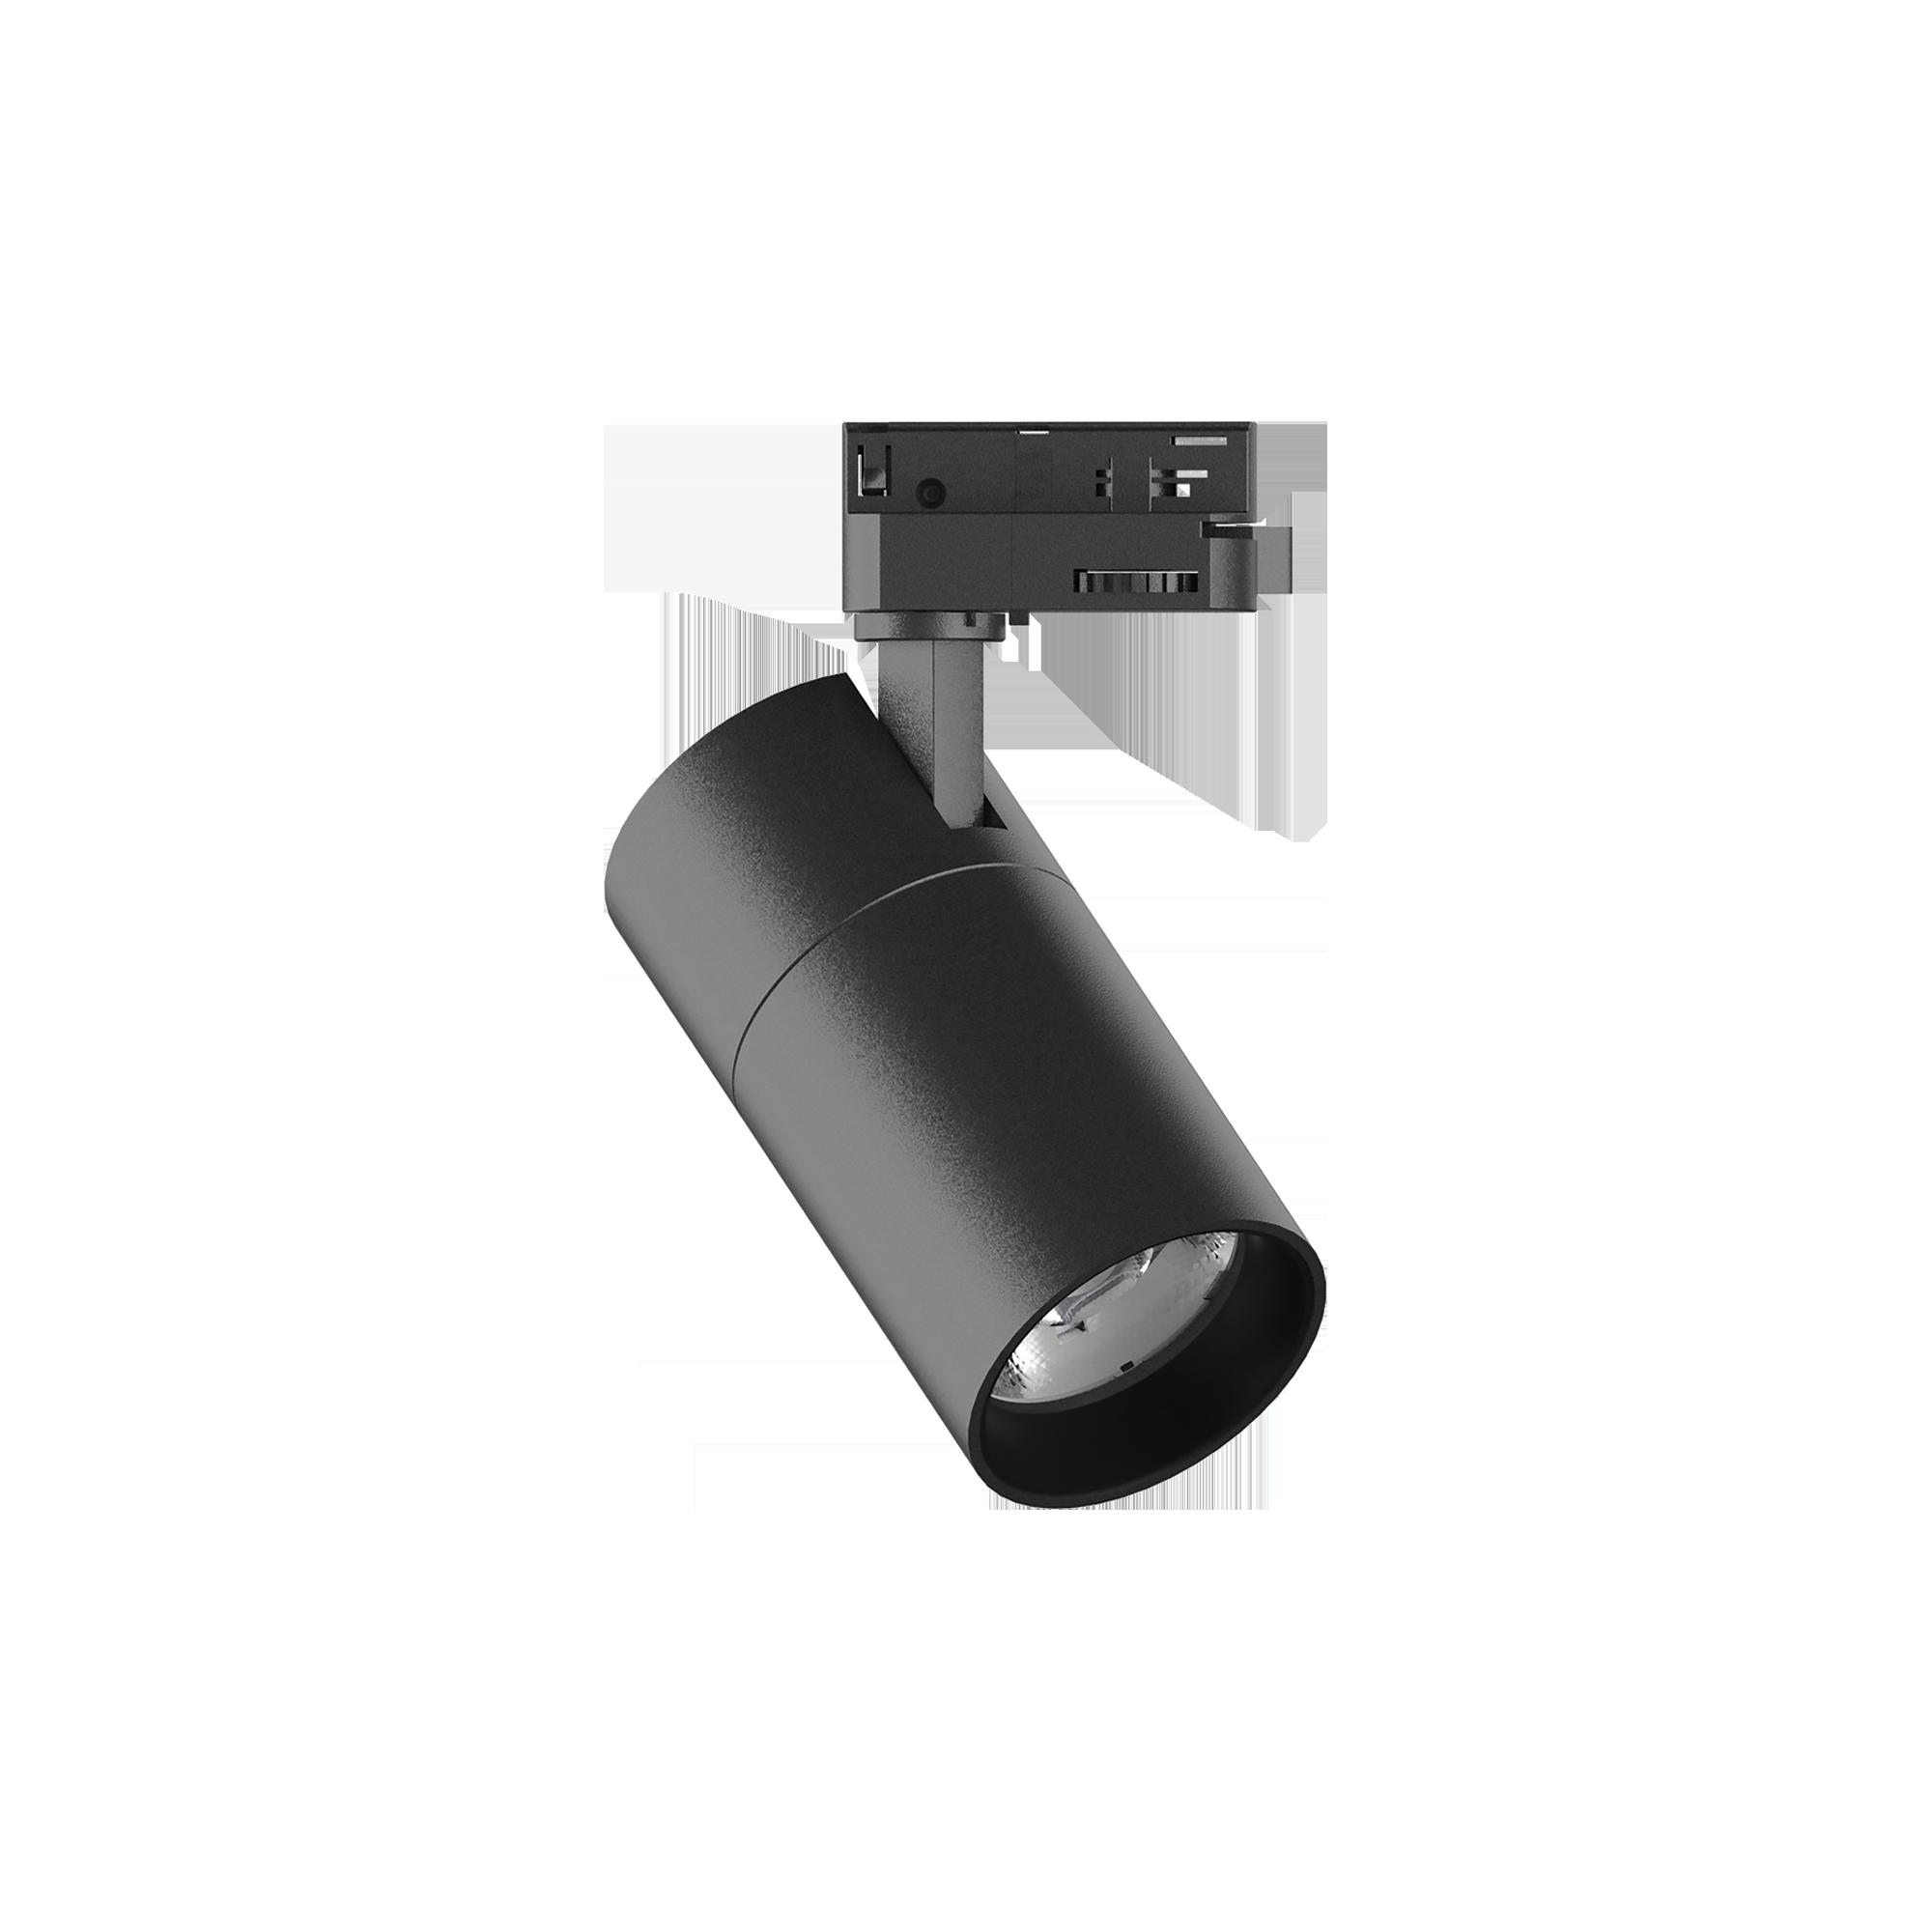 Светодиодный светильник для шинной системы Ideal Lux QUICK 15W CRI80 30° 4000K BLACK 222547, LED 15W 4000K 1800lm, черный, металл - фото 1